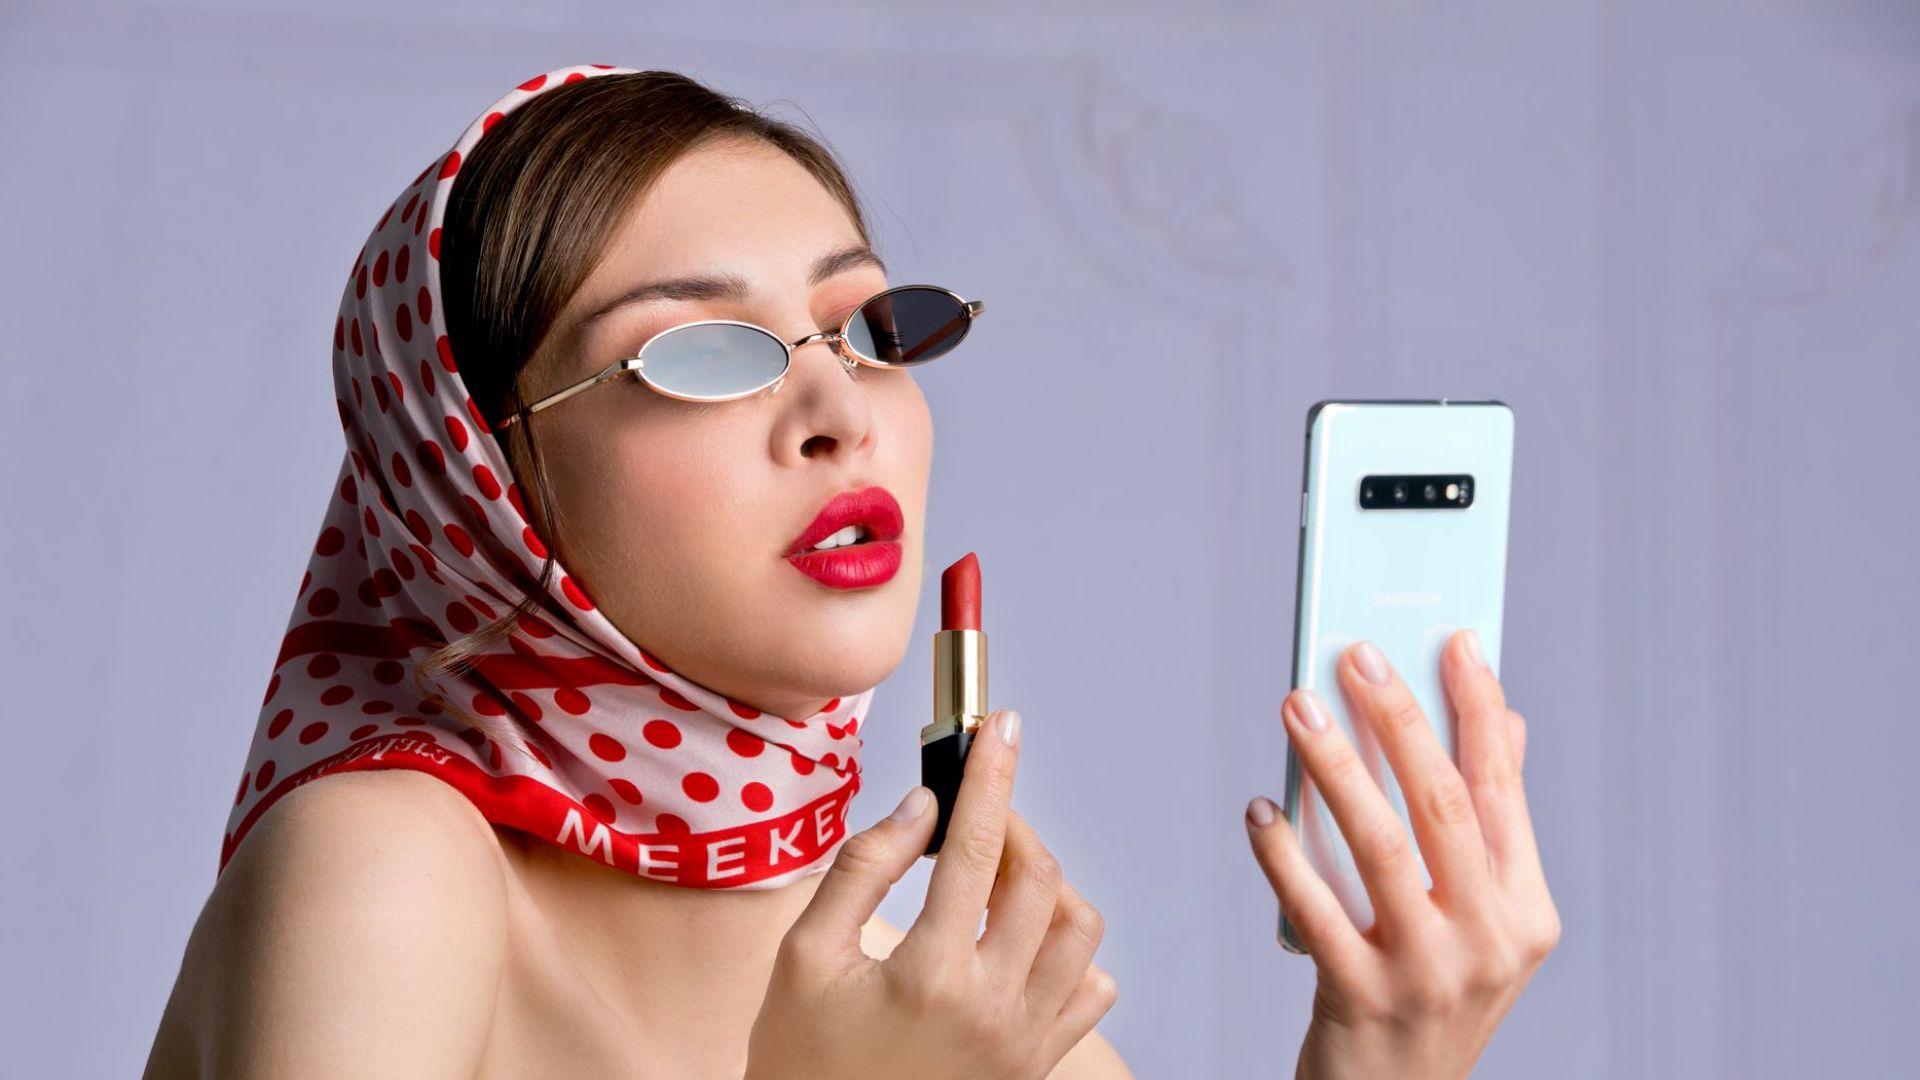 Из наръчниците на професионалните модели и техните смартфони